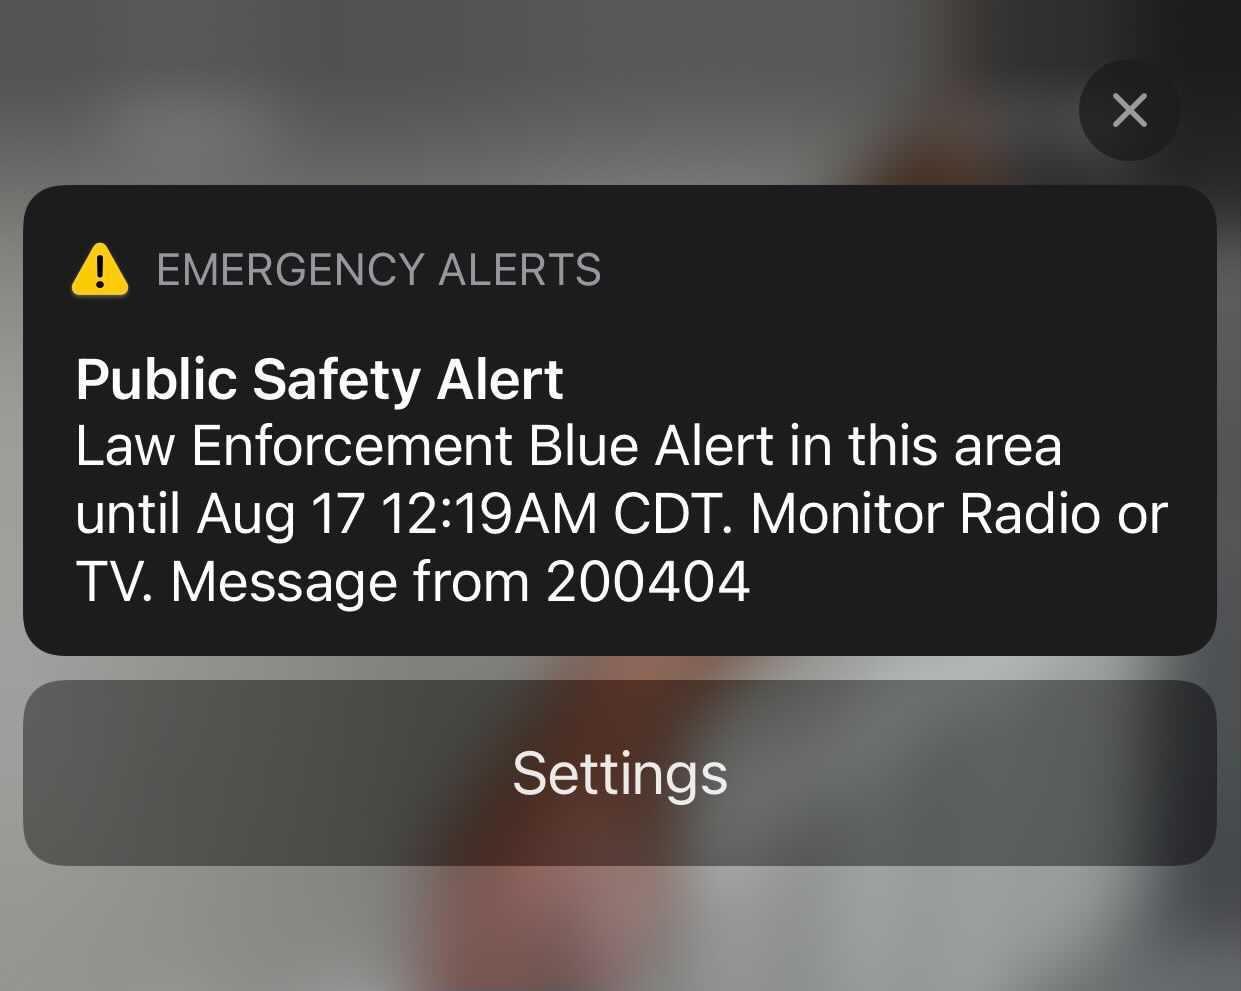 Blue Alert en Texas. Este es el mensaje que recibieron por texto los usuarios de telefonía celular del estado, cerca de la medianoche del 16 de agosto de 2021.